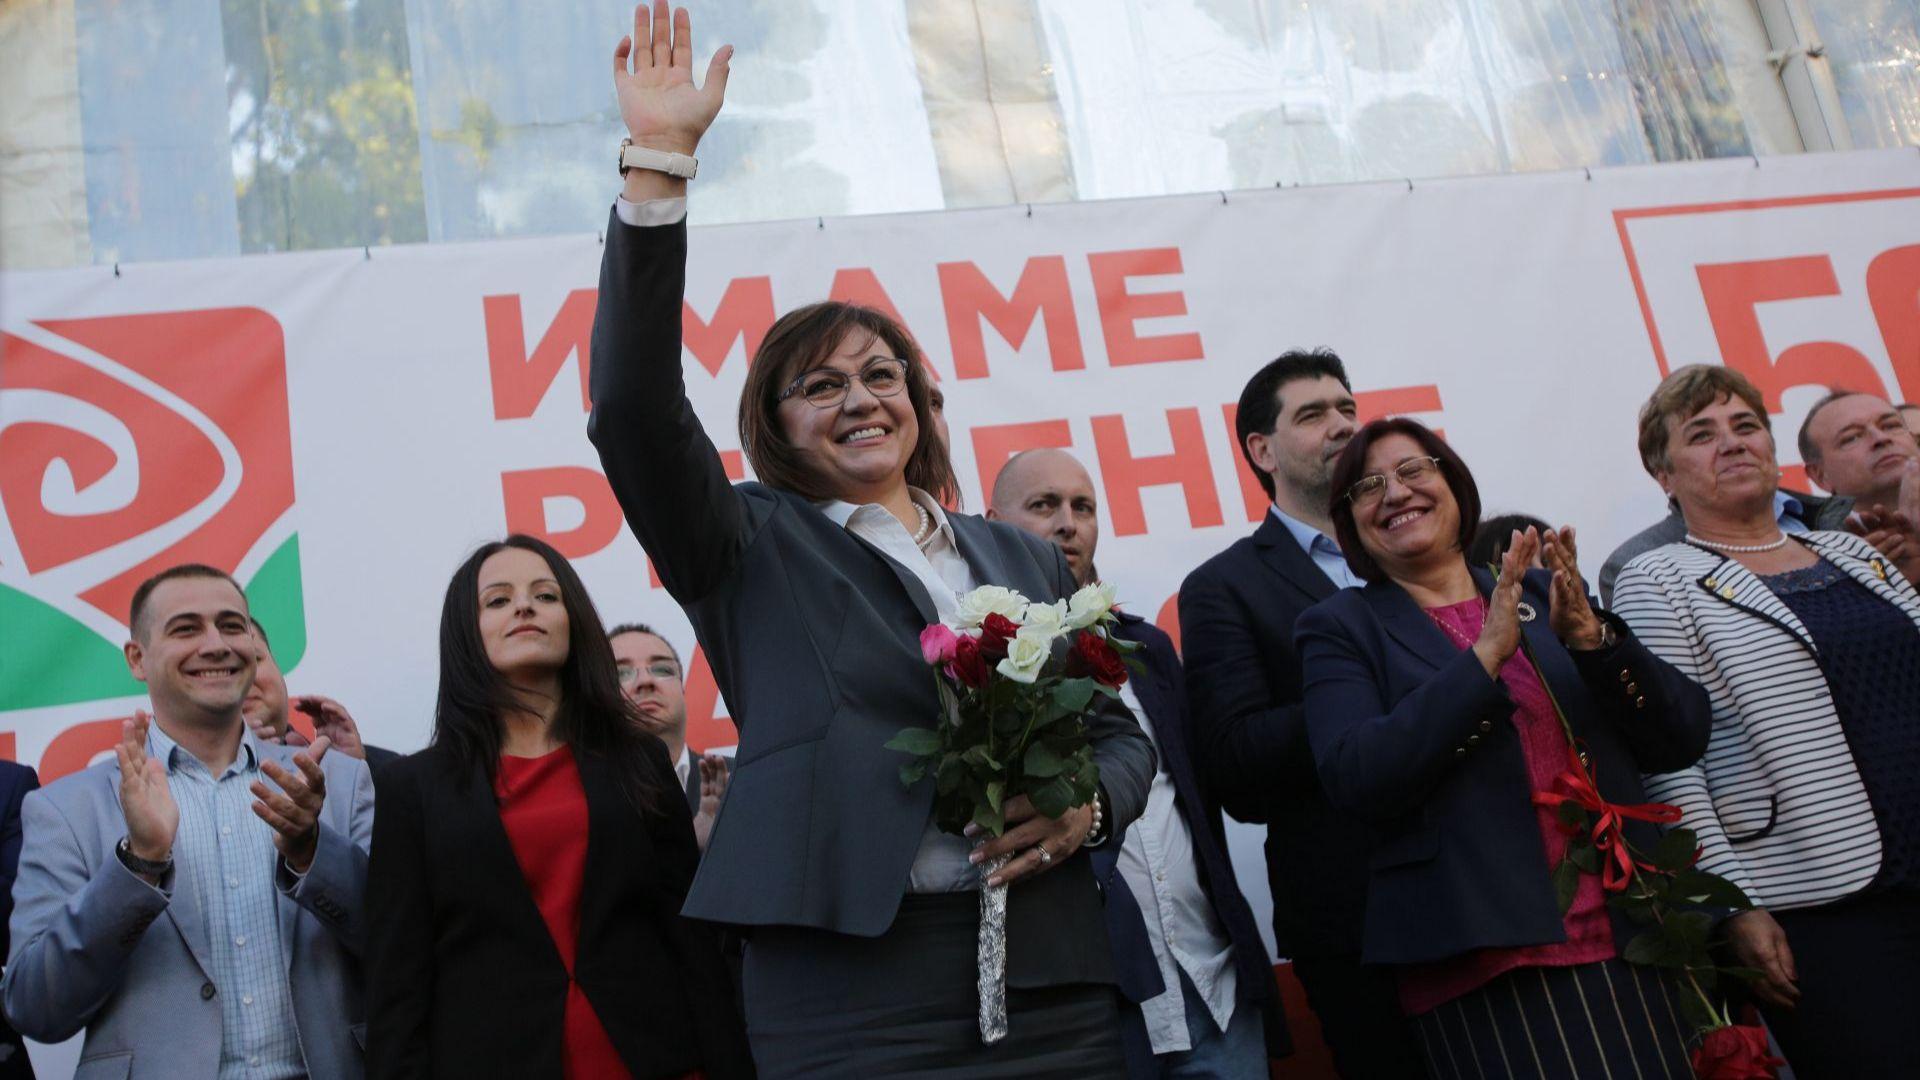 БСП откри предизборната си кампания на мястото на разрушения мавзолей